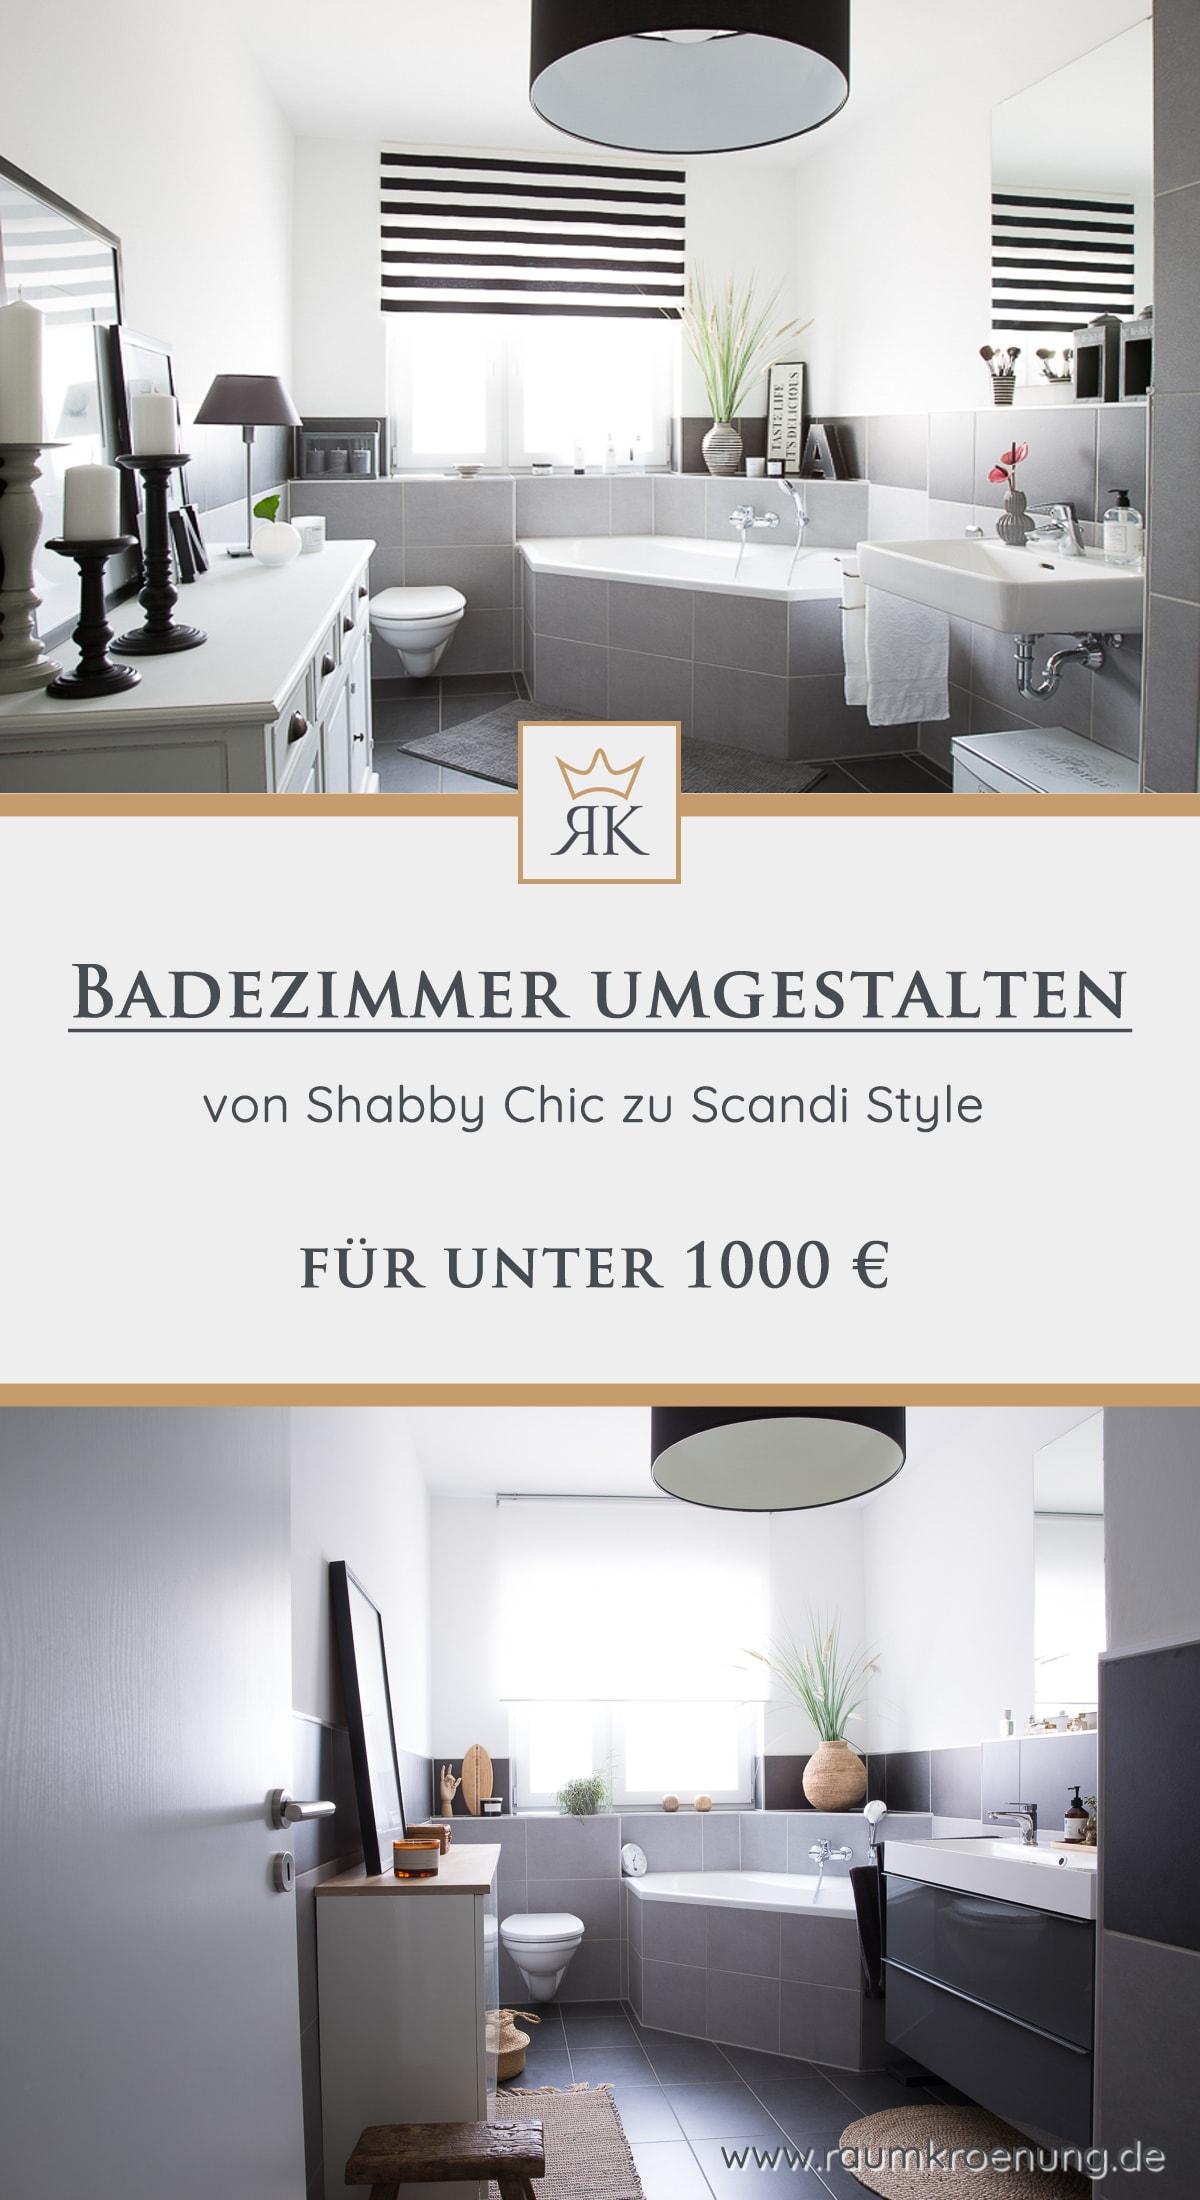 Günstiges Badezimmer Umstyling | Tipps zu Farben, Bad-Accessoirs und Planzen | Raumkrönung - Wohnblog, Wohnberatung & Einrichtungstipps